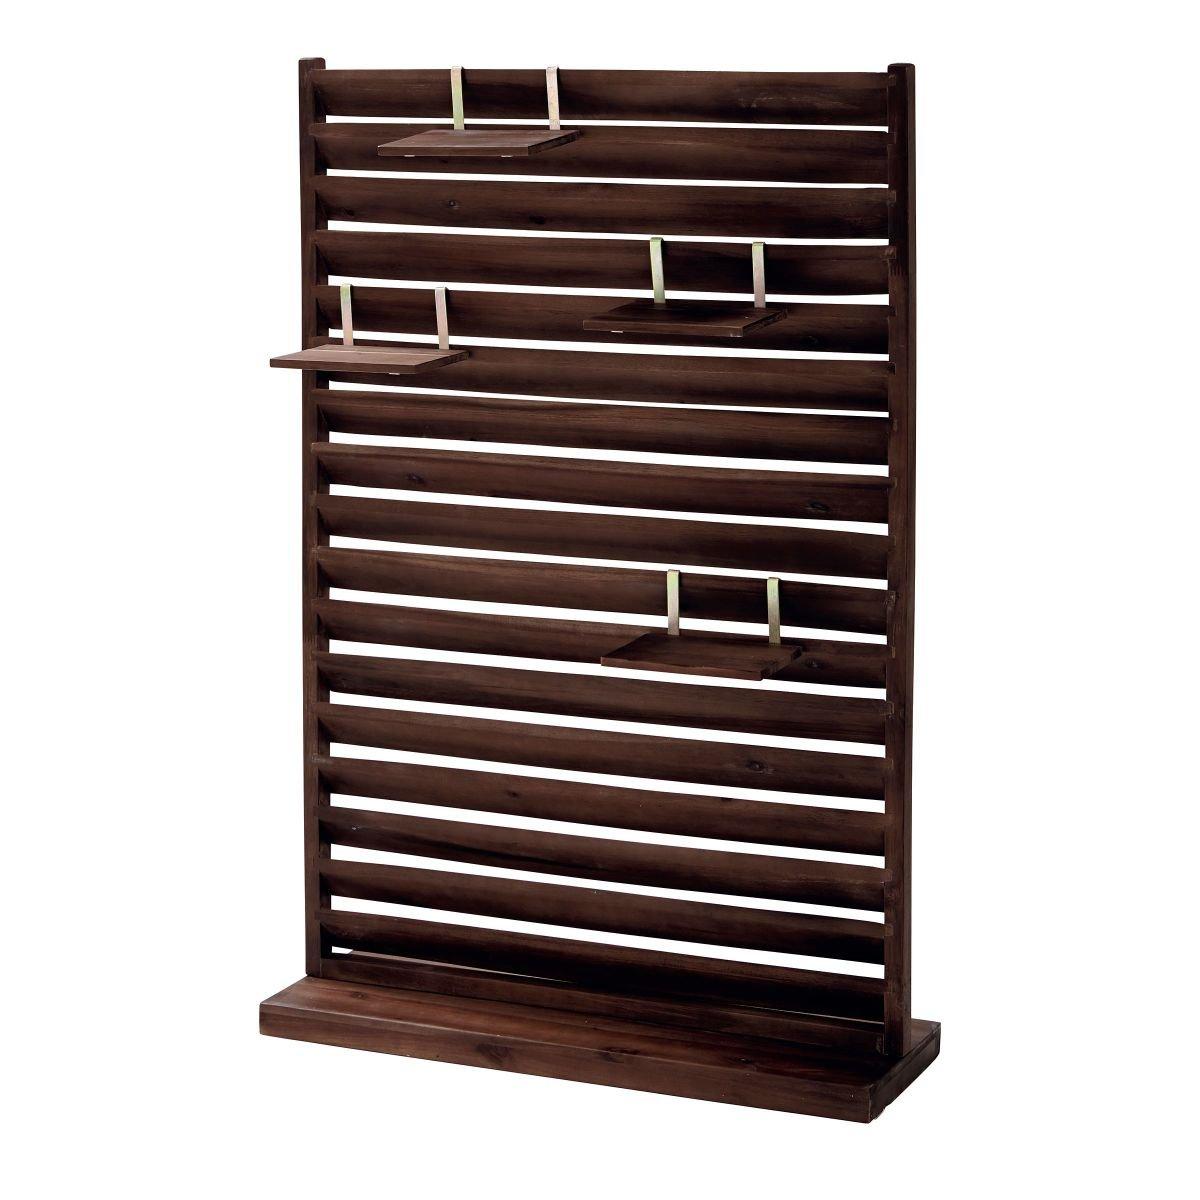 Amazon Garten Sichtschutz Paravent Freistehend Holz 80 x 28 x